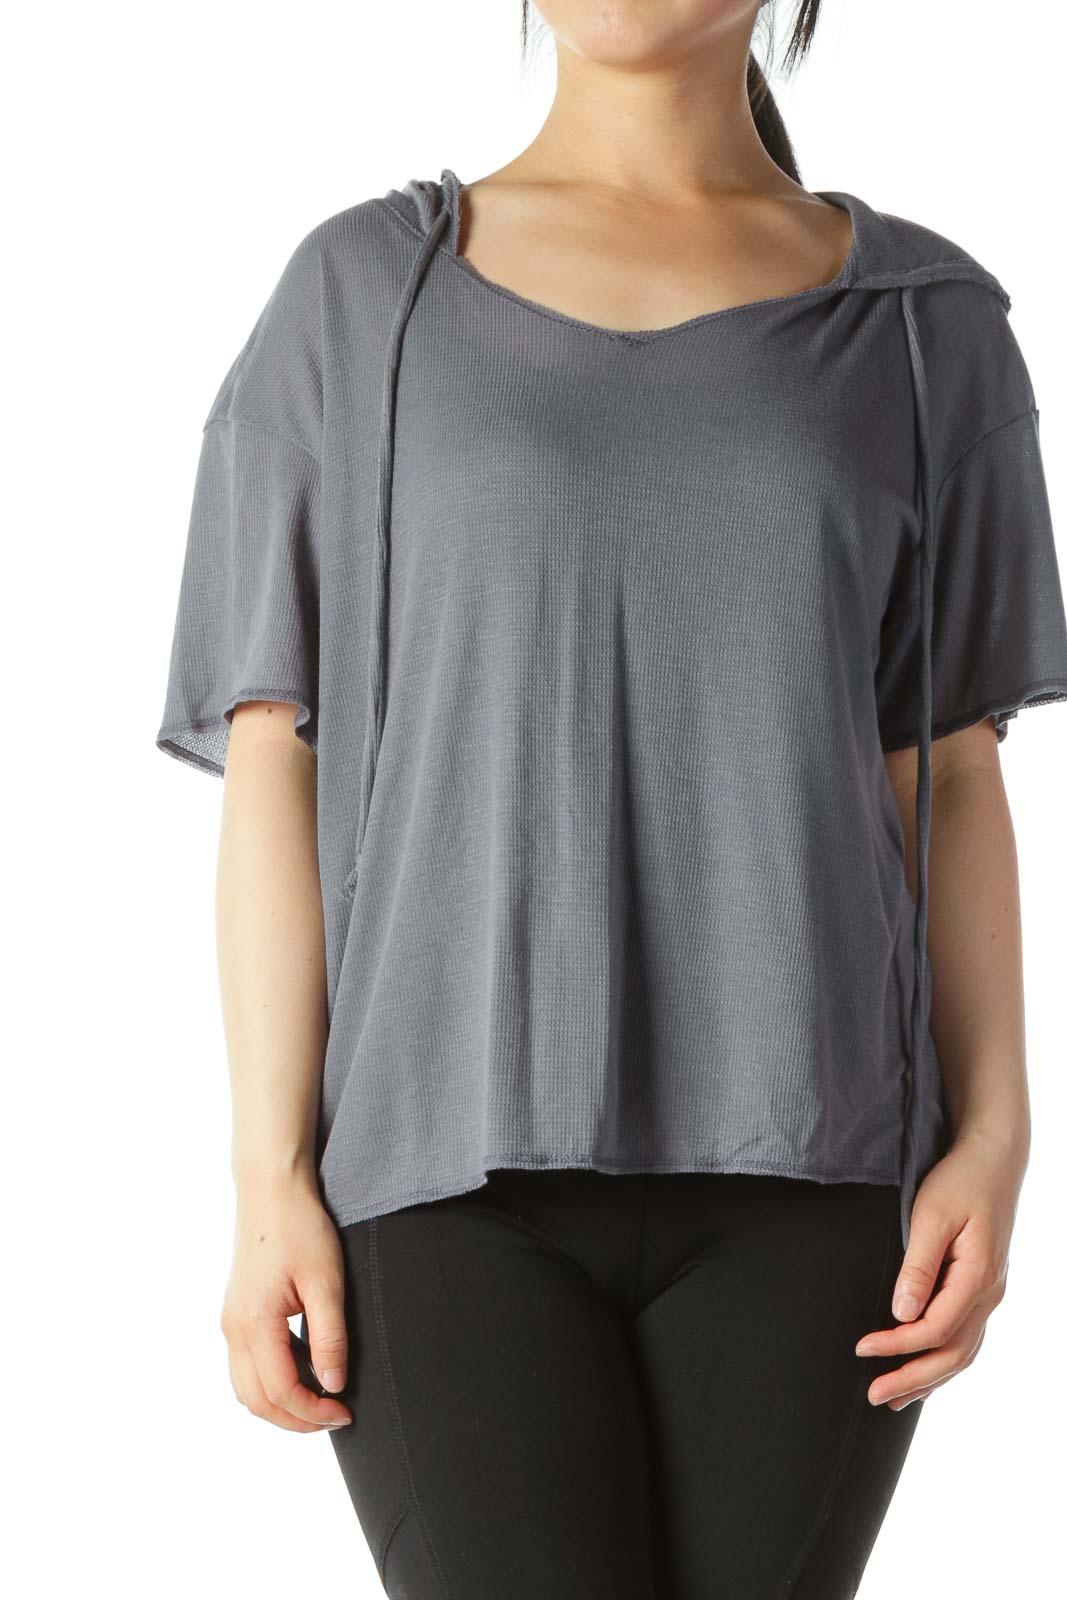 Gray Hooded Short-Sleeve Light Knit Top